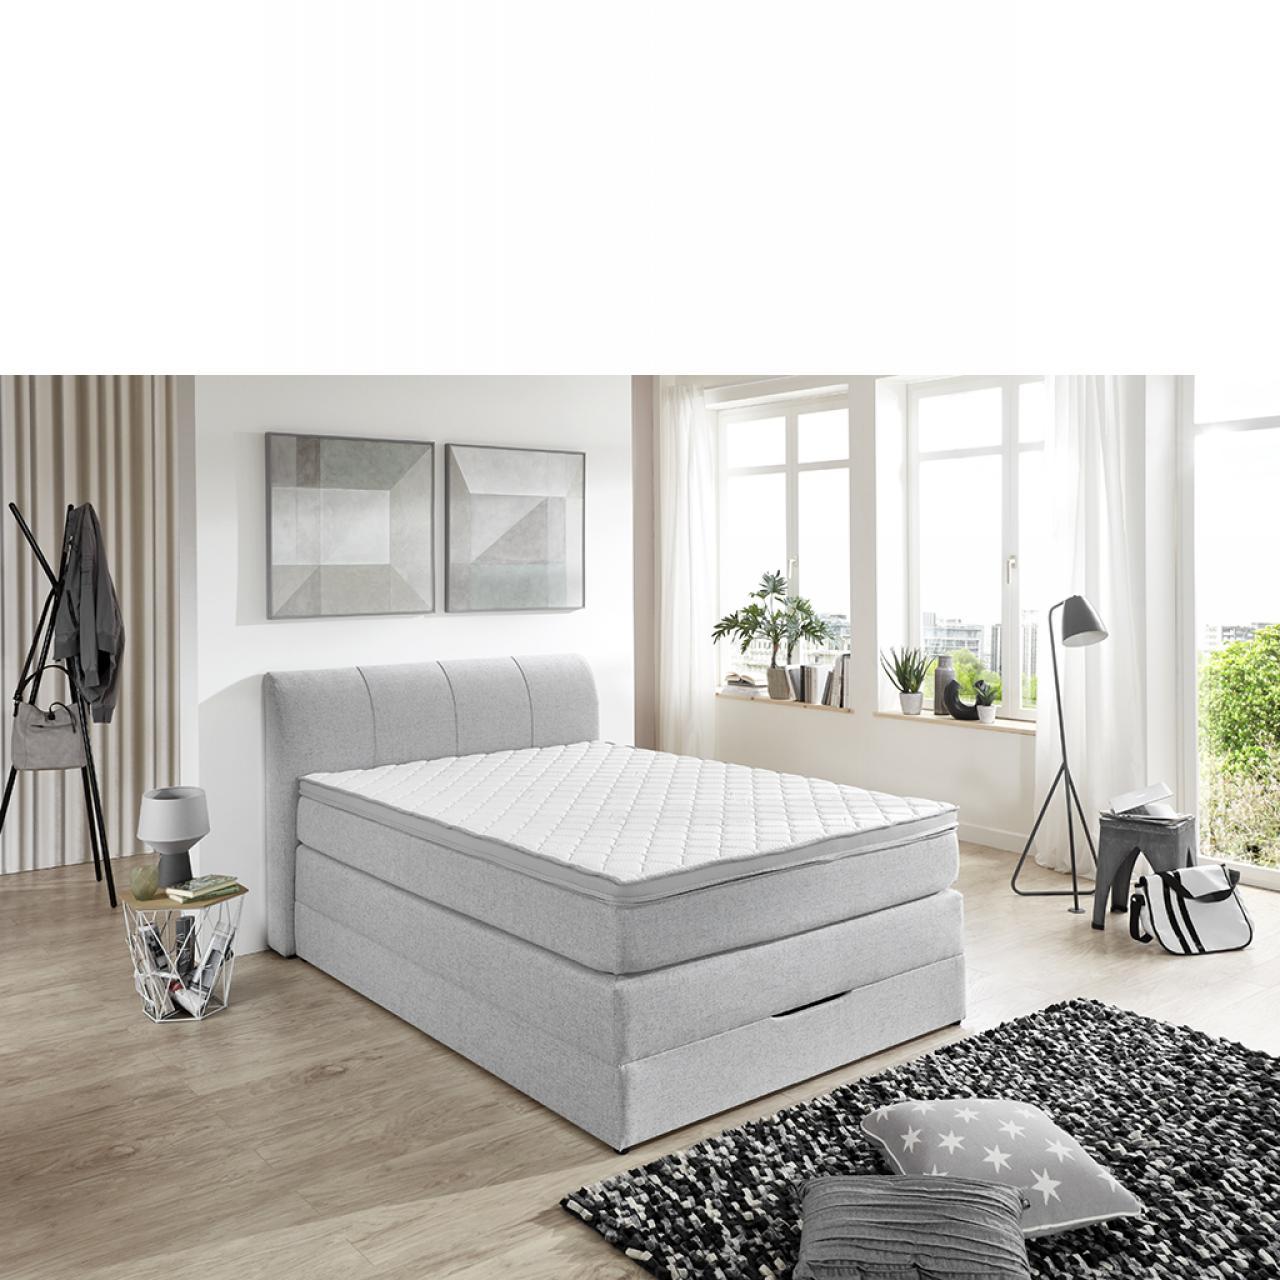 Full Size of Betten Massivholz Bett Weiß 100x200 Weiße Düsseldorf Treca Holz Mit Aufbewahrung Schramm Ruf Fabrikverkauf Günstige 180x200 Outlet Ohne Kopfteil Bett Betten 100x200